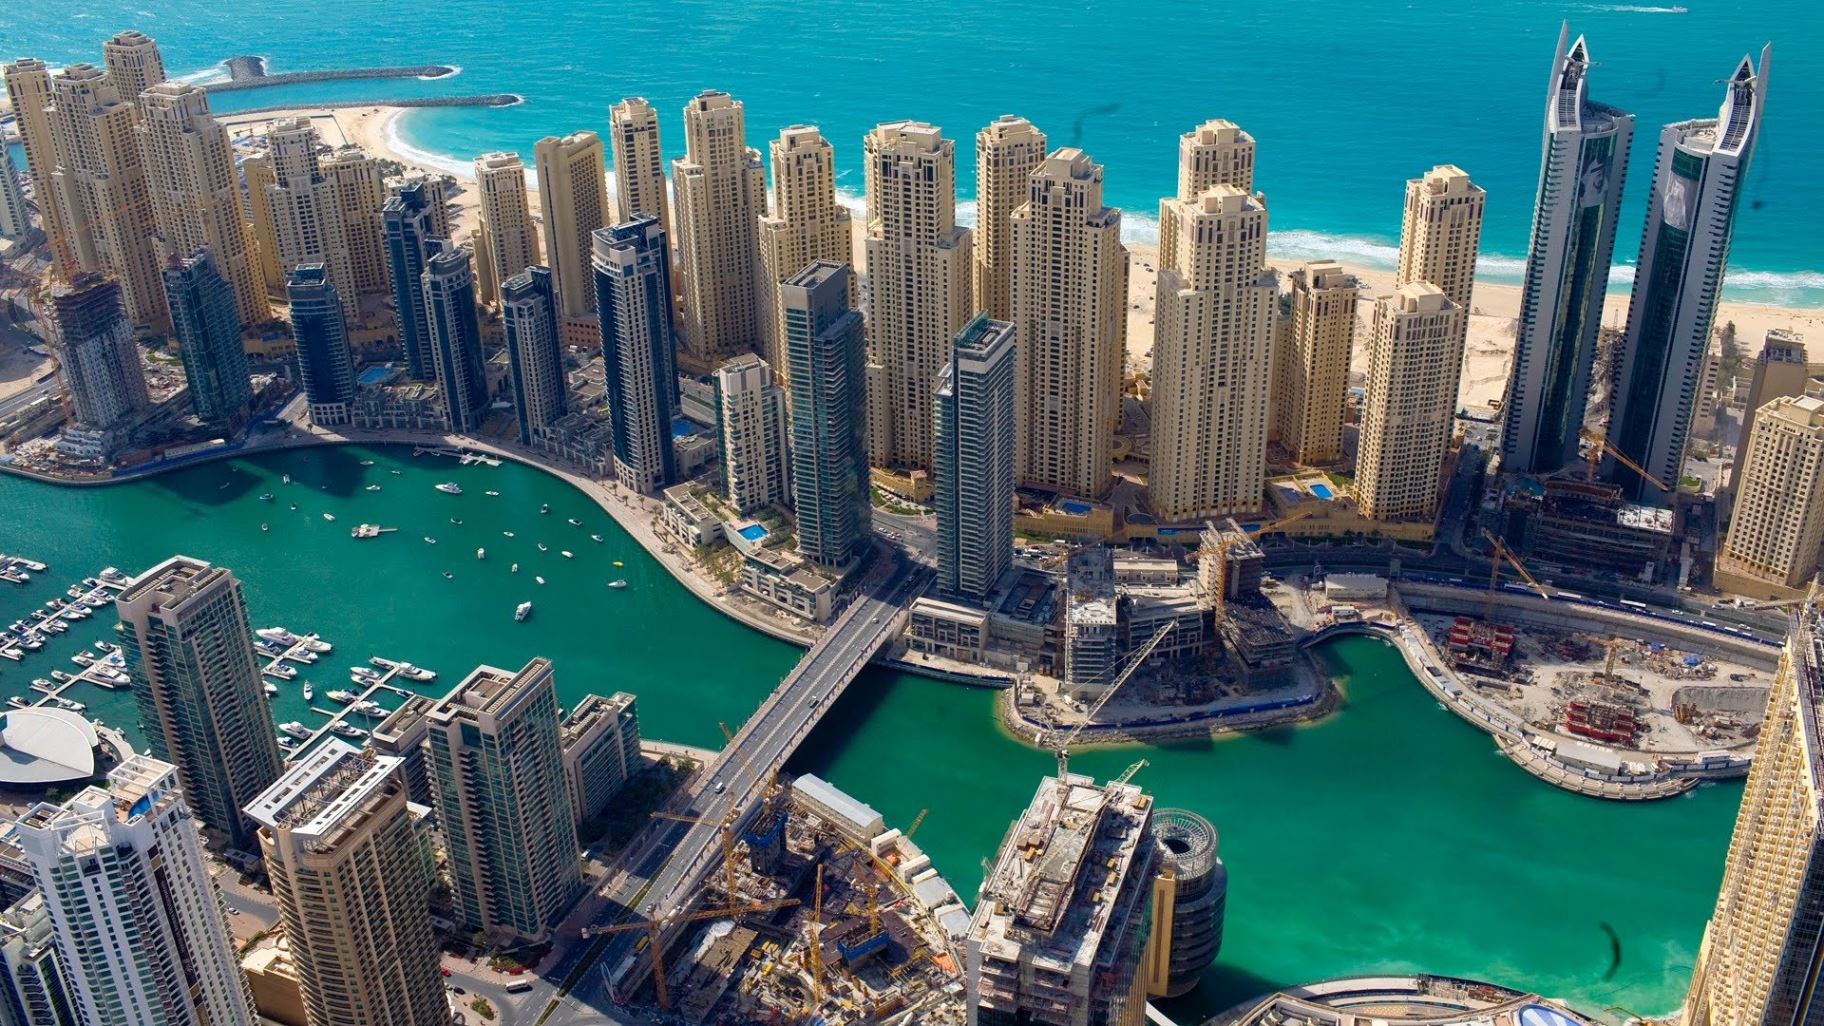 Элитное жильё в Дубае: активность покупателей растёт